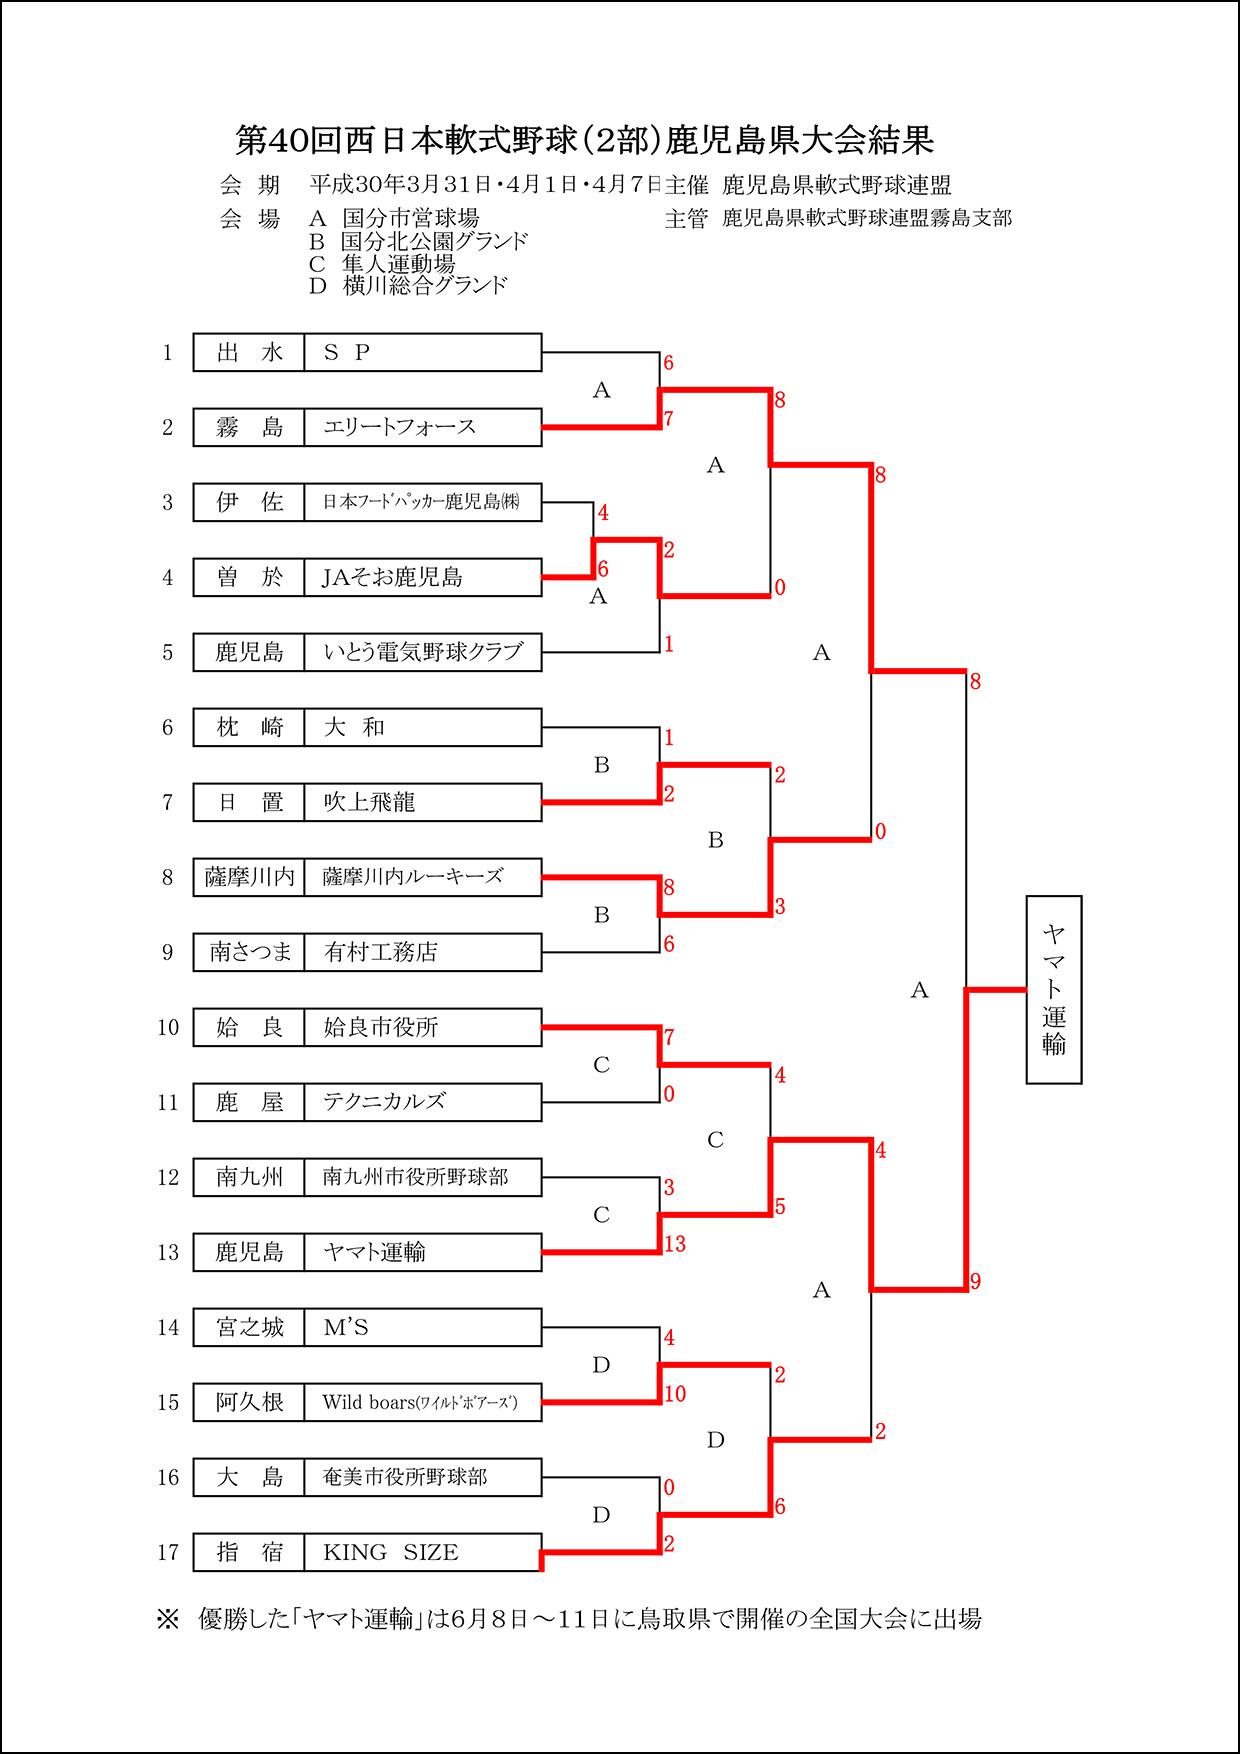 ▽【結果】第40回西日本軟式野球(2部)鹿児島県大会